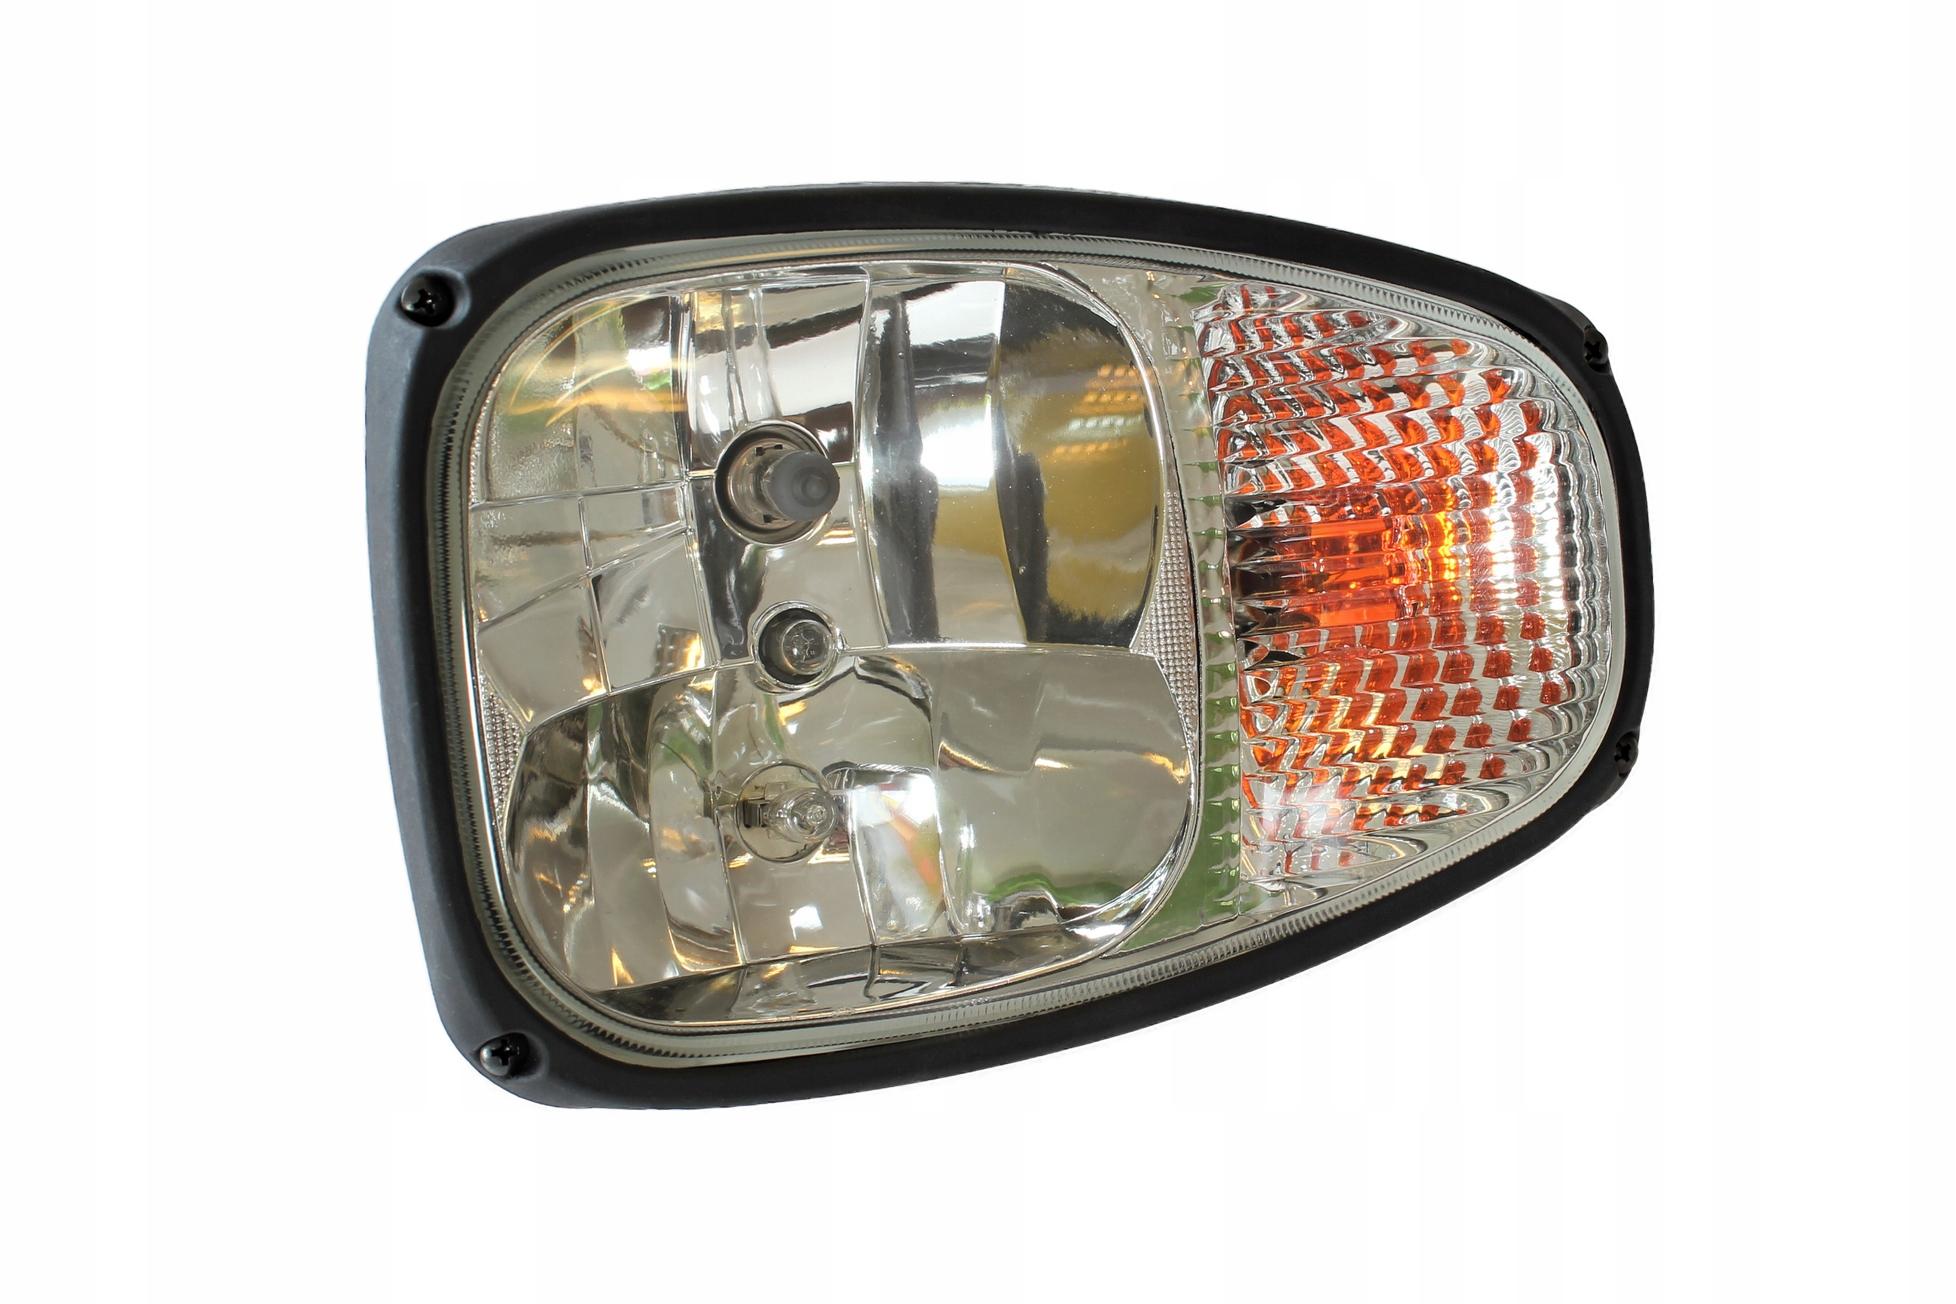 Дорожная лампа с направляющим фонарем - JCB - LEWA